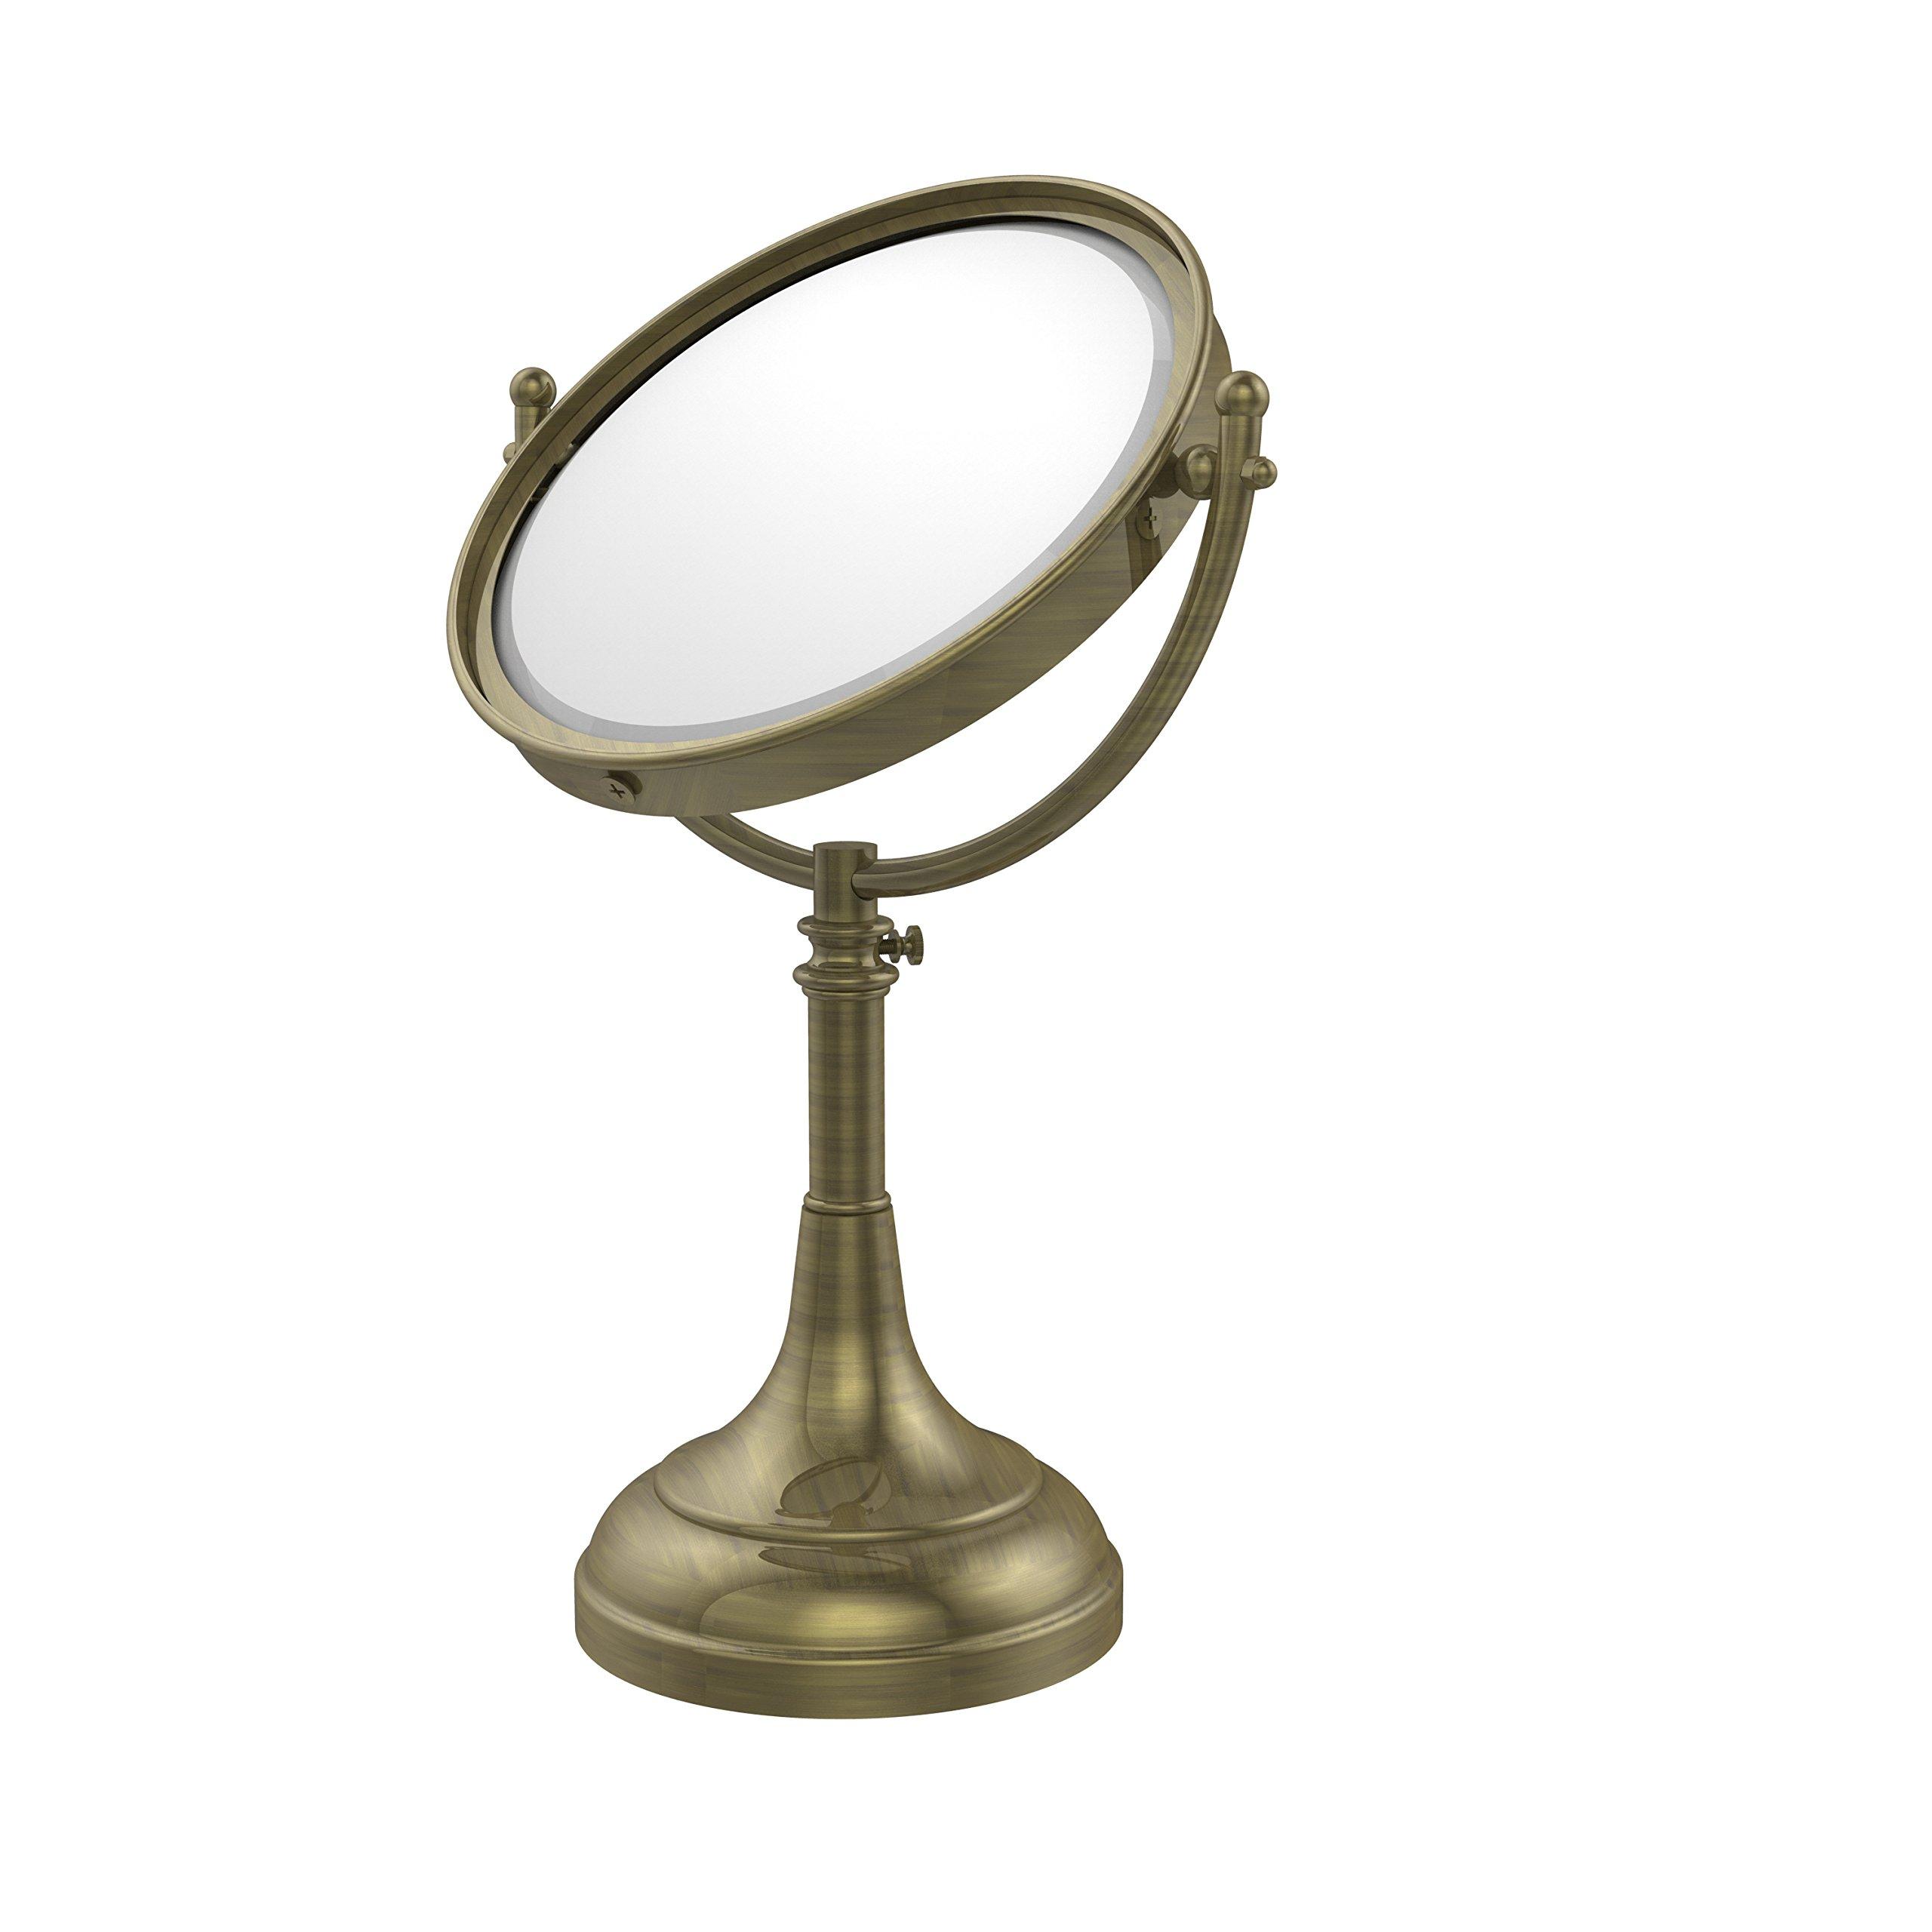 Allied Brass 8'' Mirror 3x Mag 17-23-1/2'' H Antique Brass